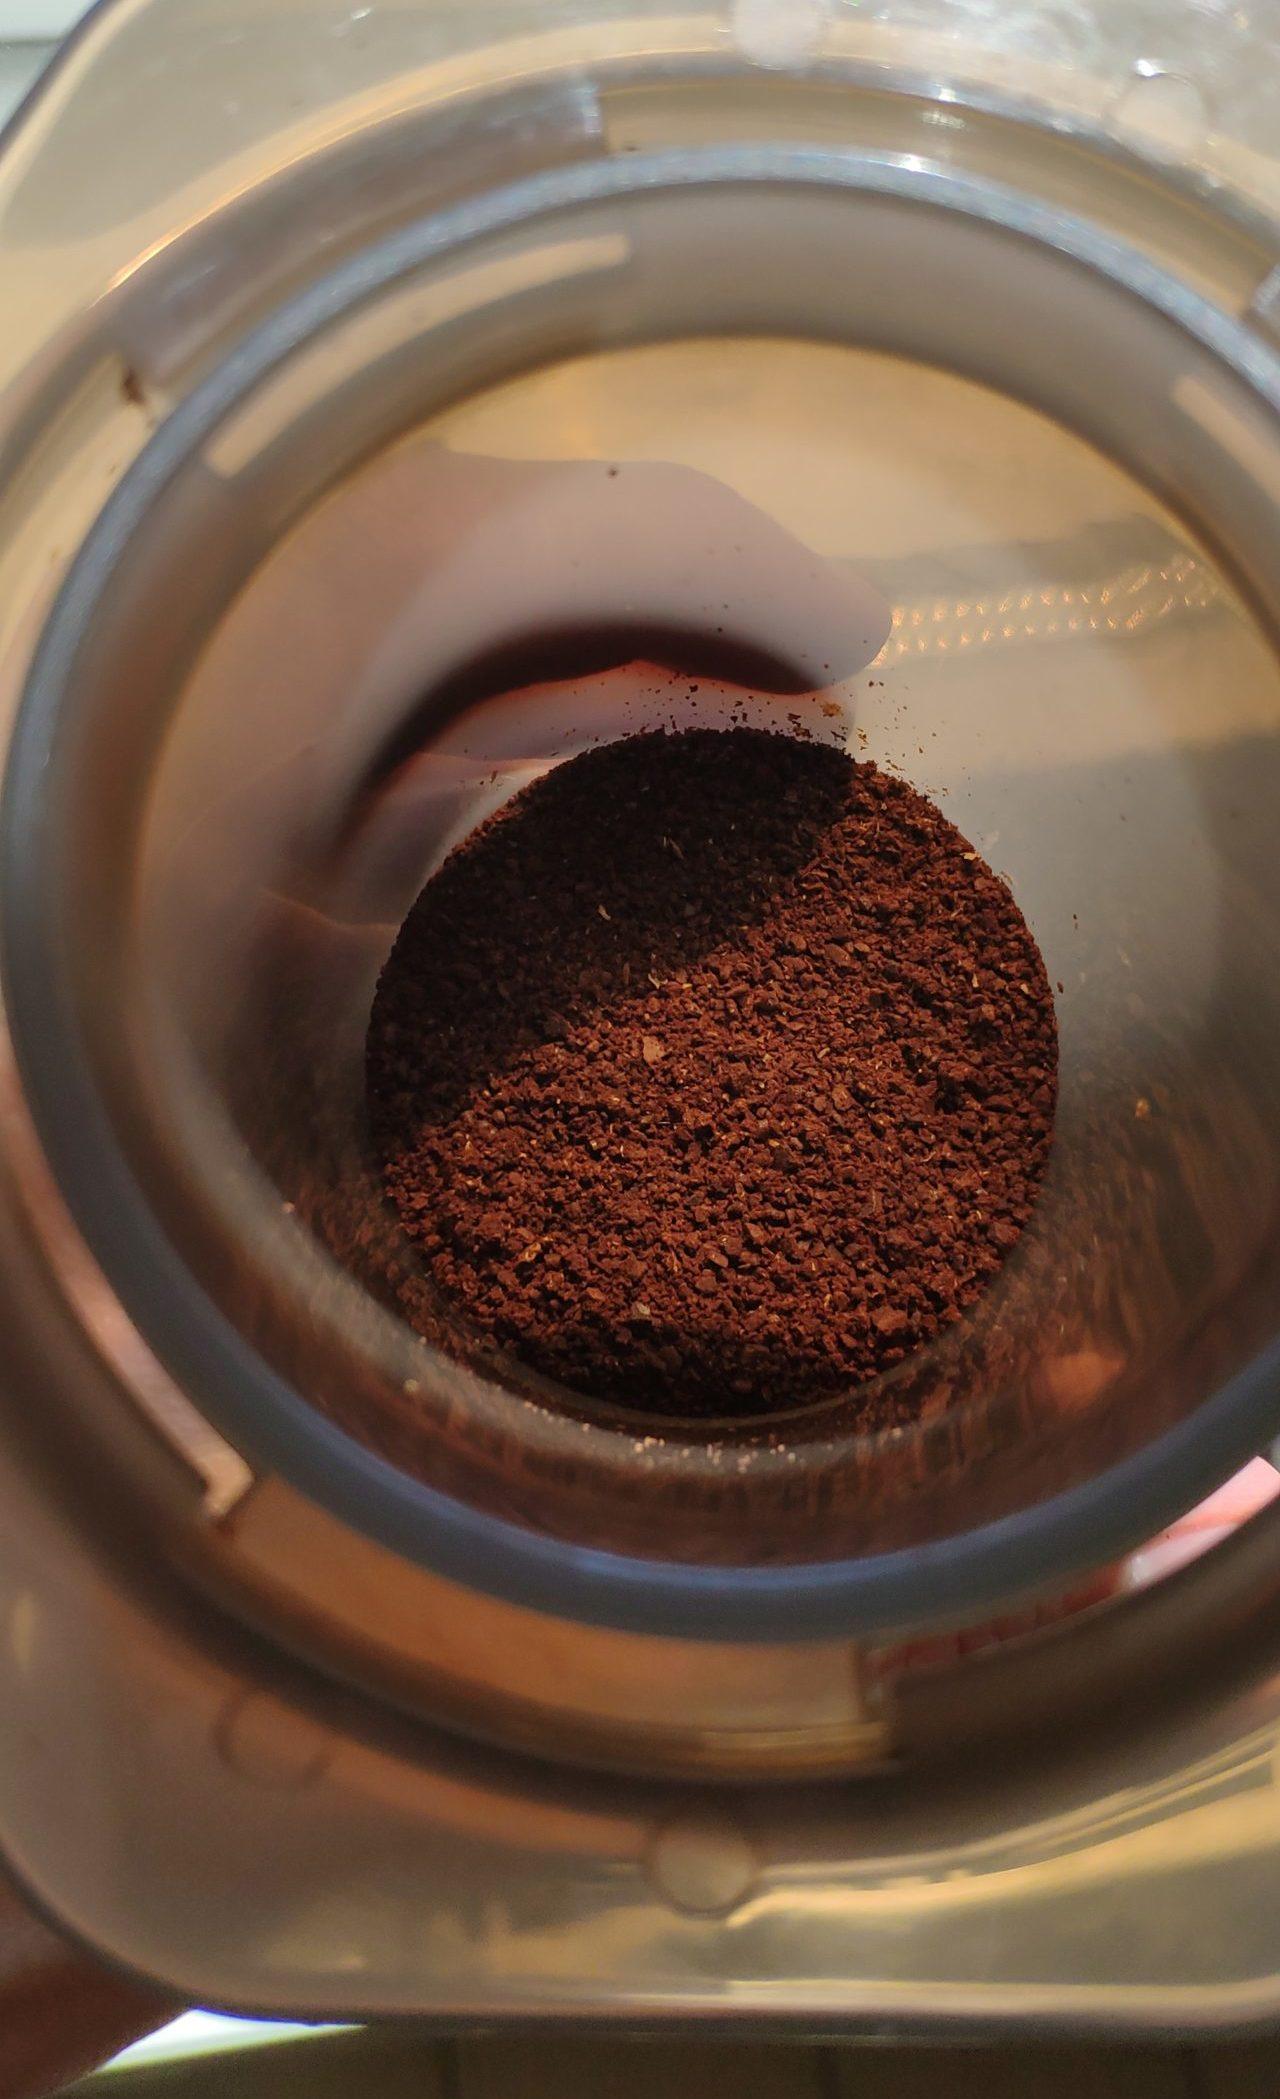 kaffee, grind, aeropress, arhuaco, colombia, Kolumbien, coffee